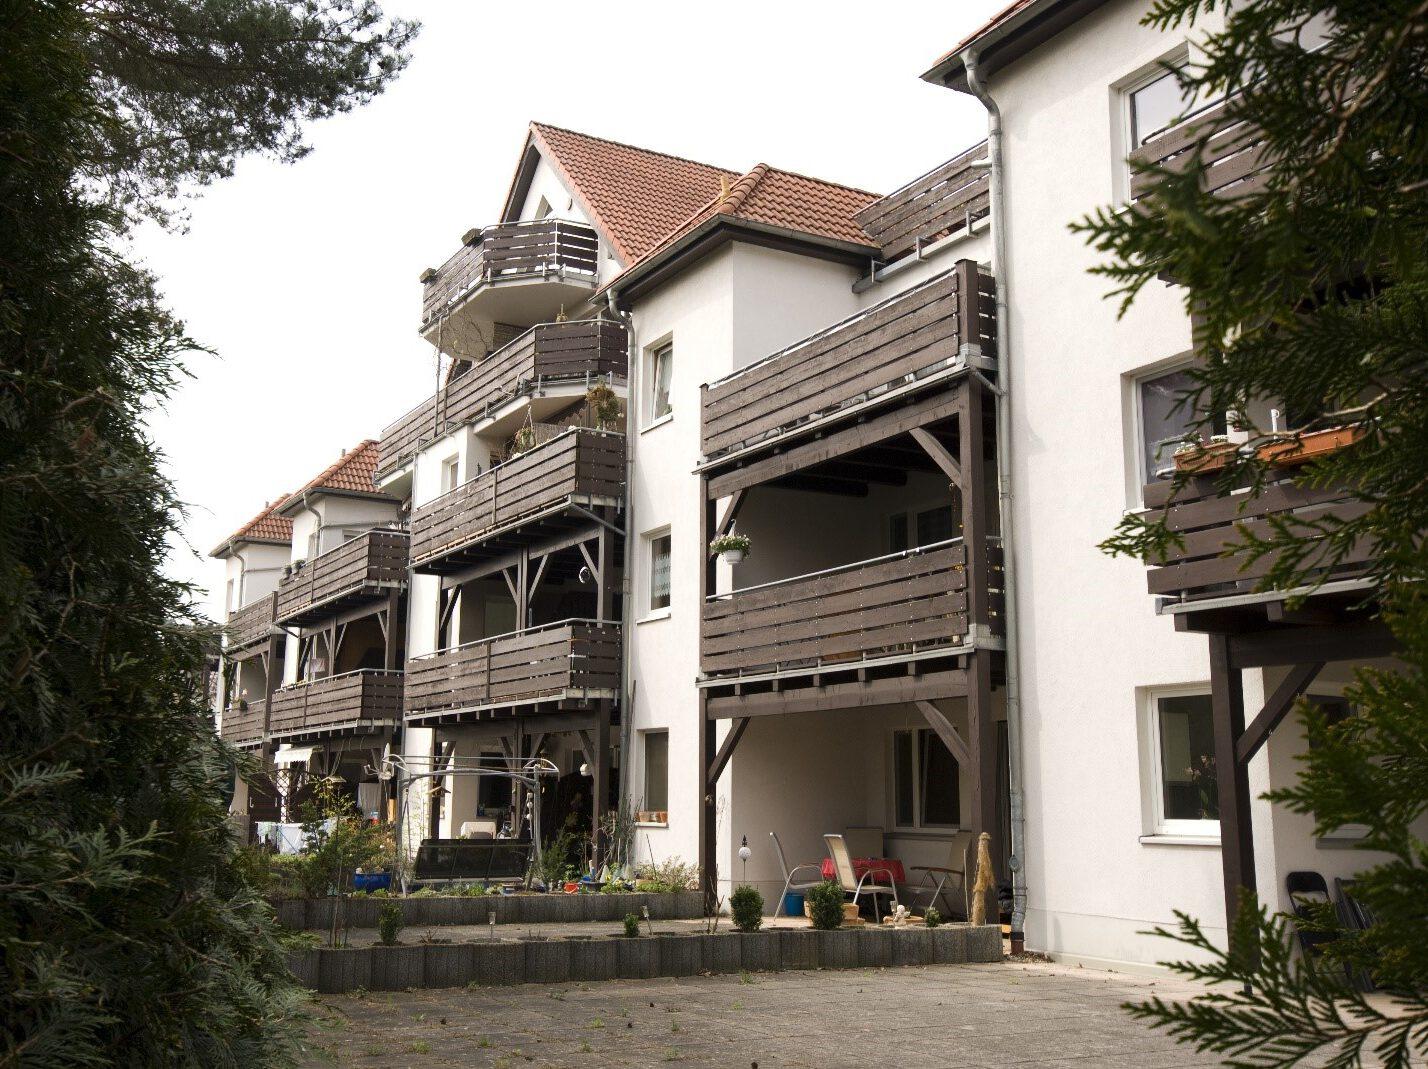 Moderne 2-Raum-Wohnung im Dichterviertel der Kurstadt Bad Liebenwerda